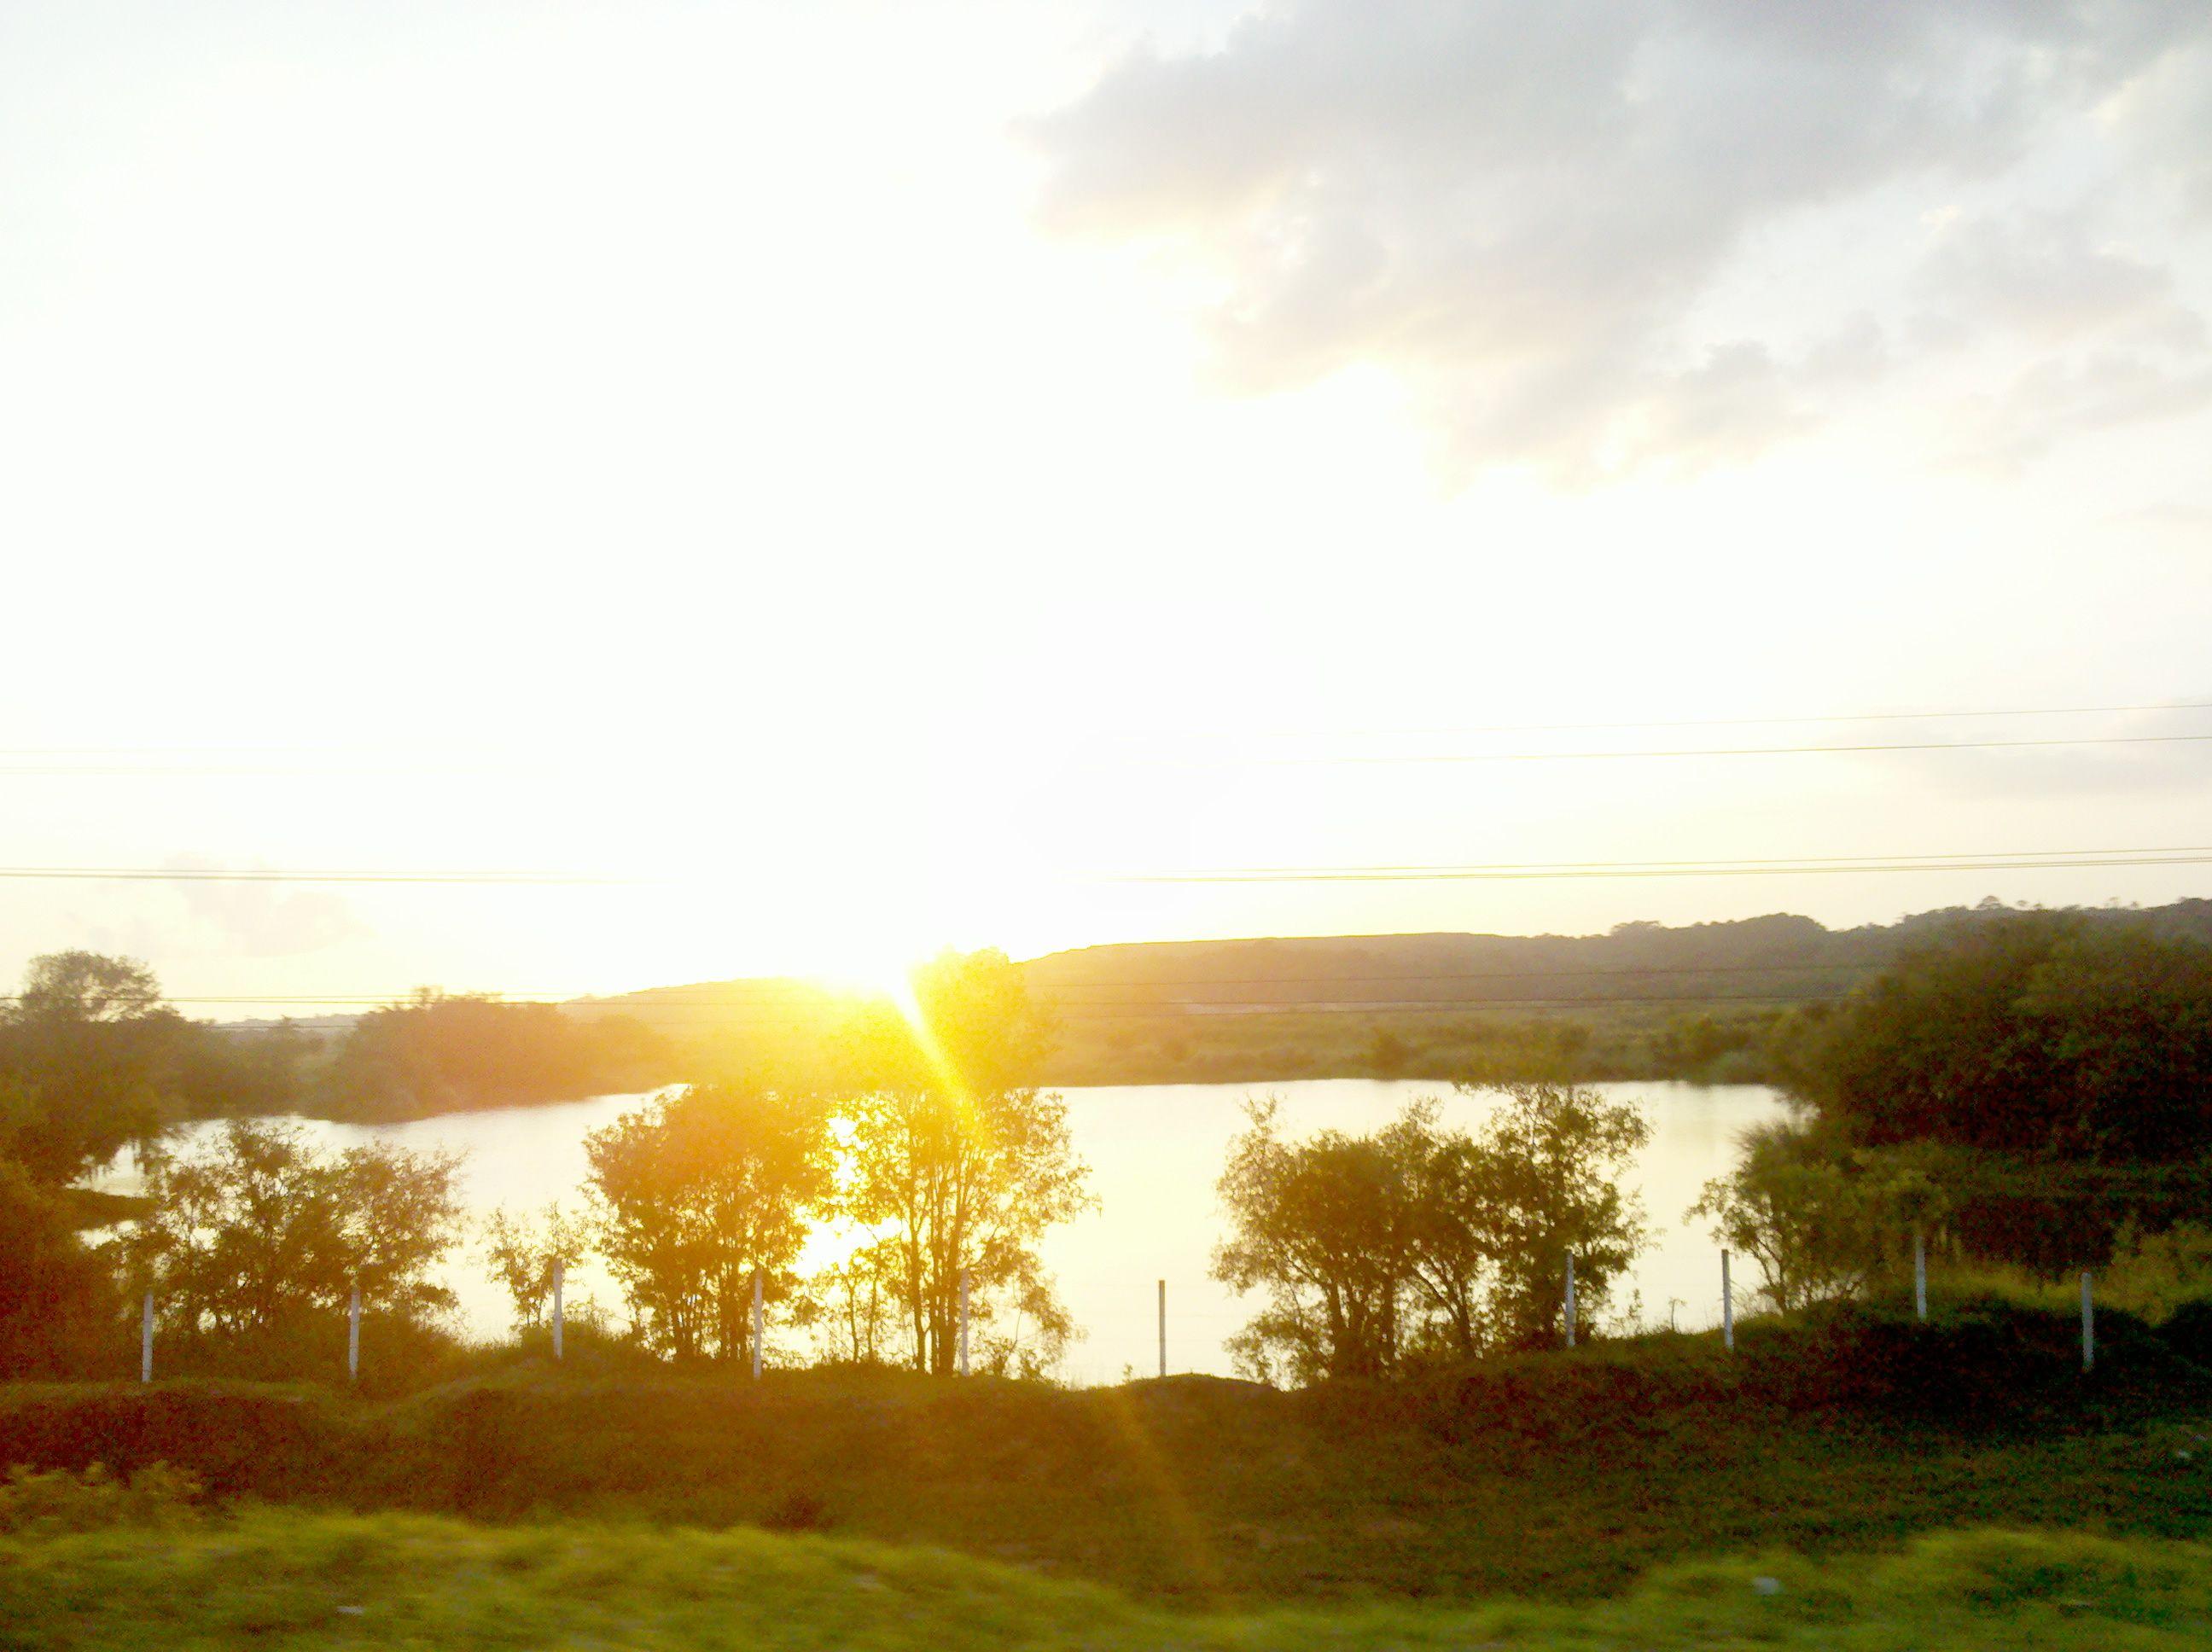 Curitiba Sunset Lat-25,62º, Long -49,32º (01/02/2012)